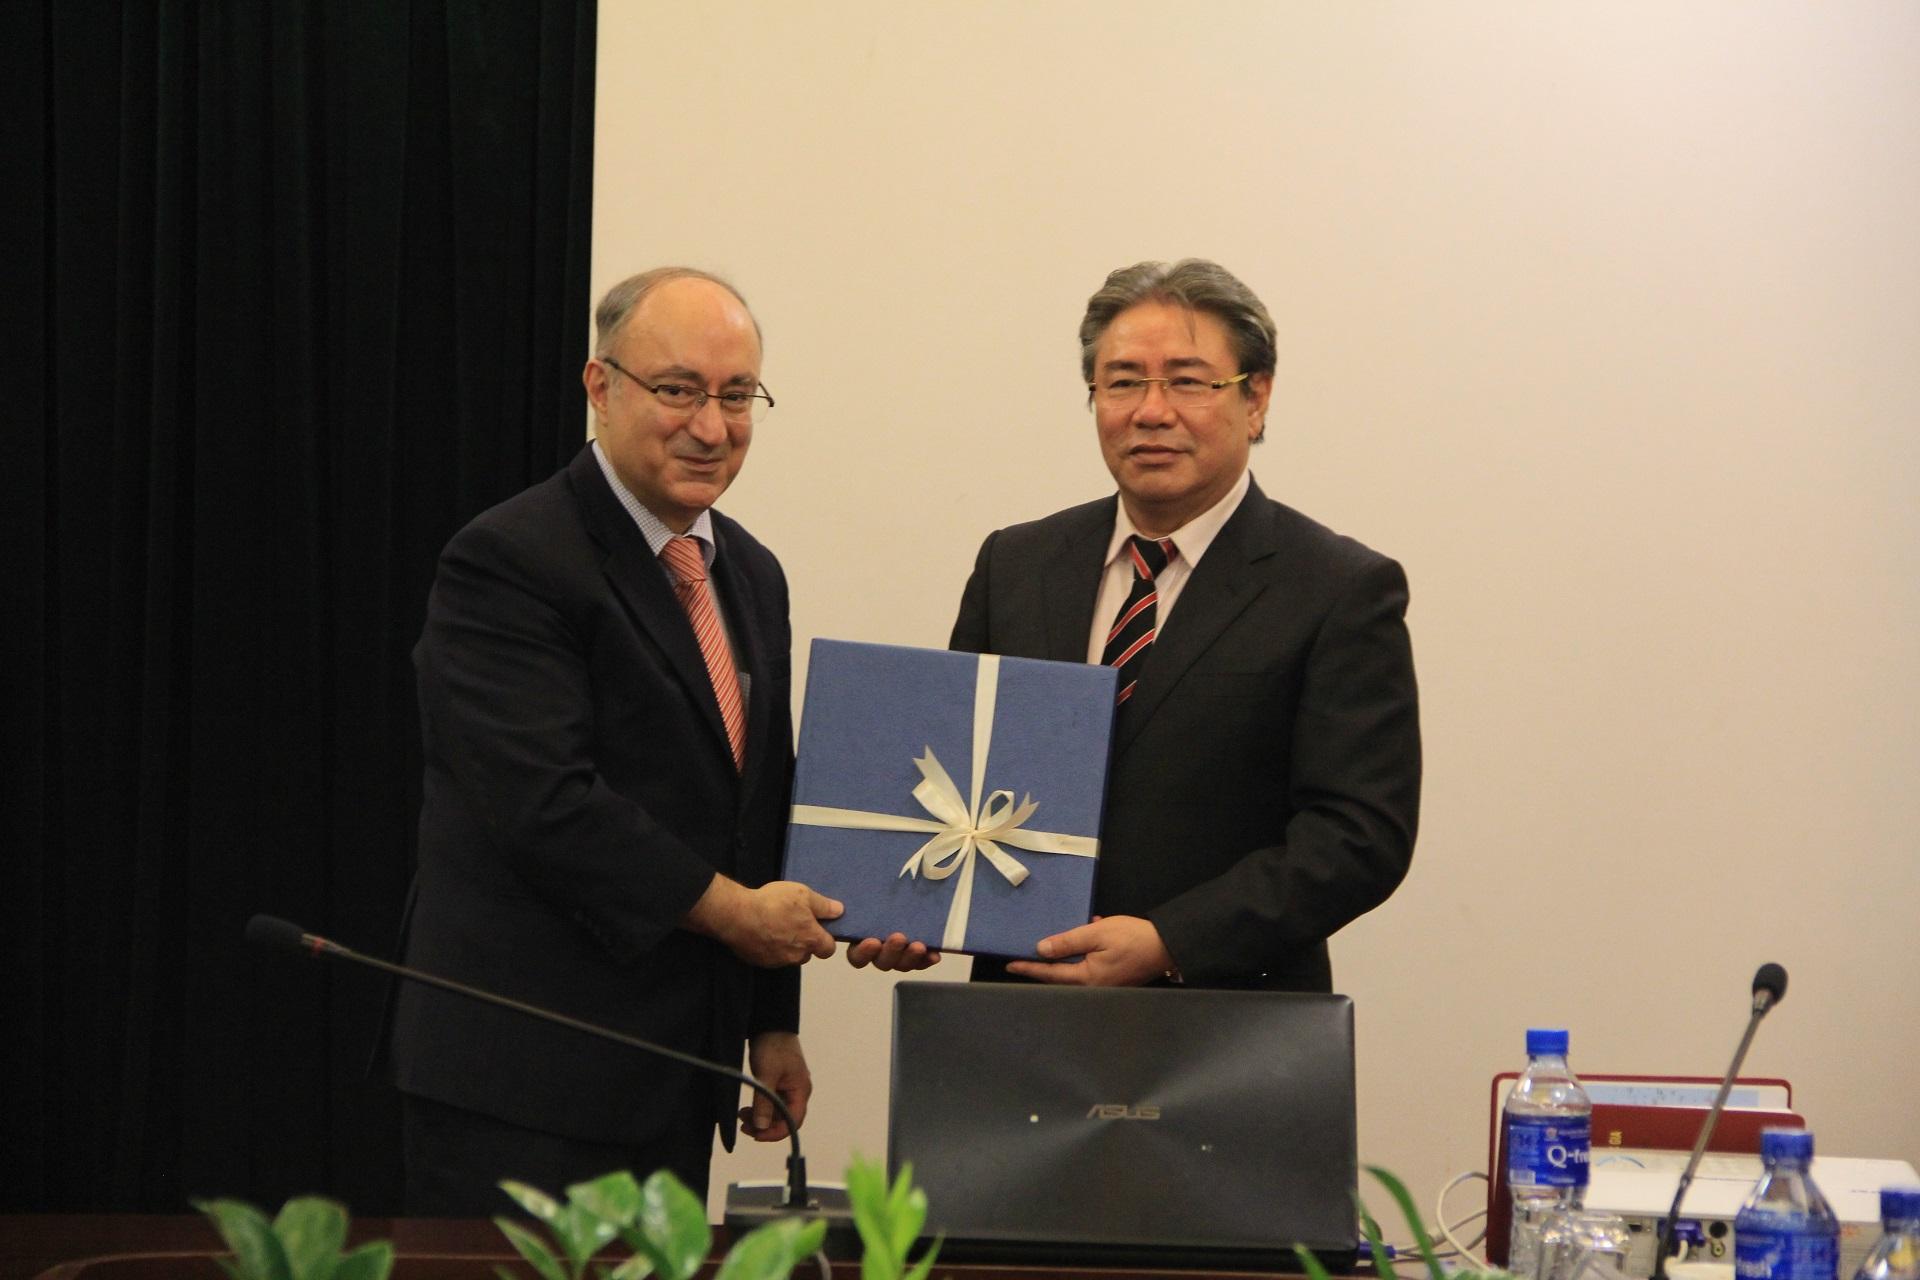 TS. Đặng Xuân Hoan, Giám đốc Học viện trao quả lưu niệm cho TS. Kambiz Ghawami, Chủ tịch Tổ chức hỗ trợ đại học thế giới CHLB Đức